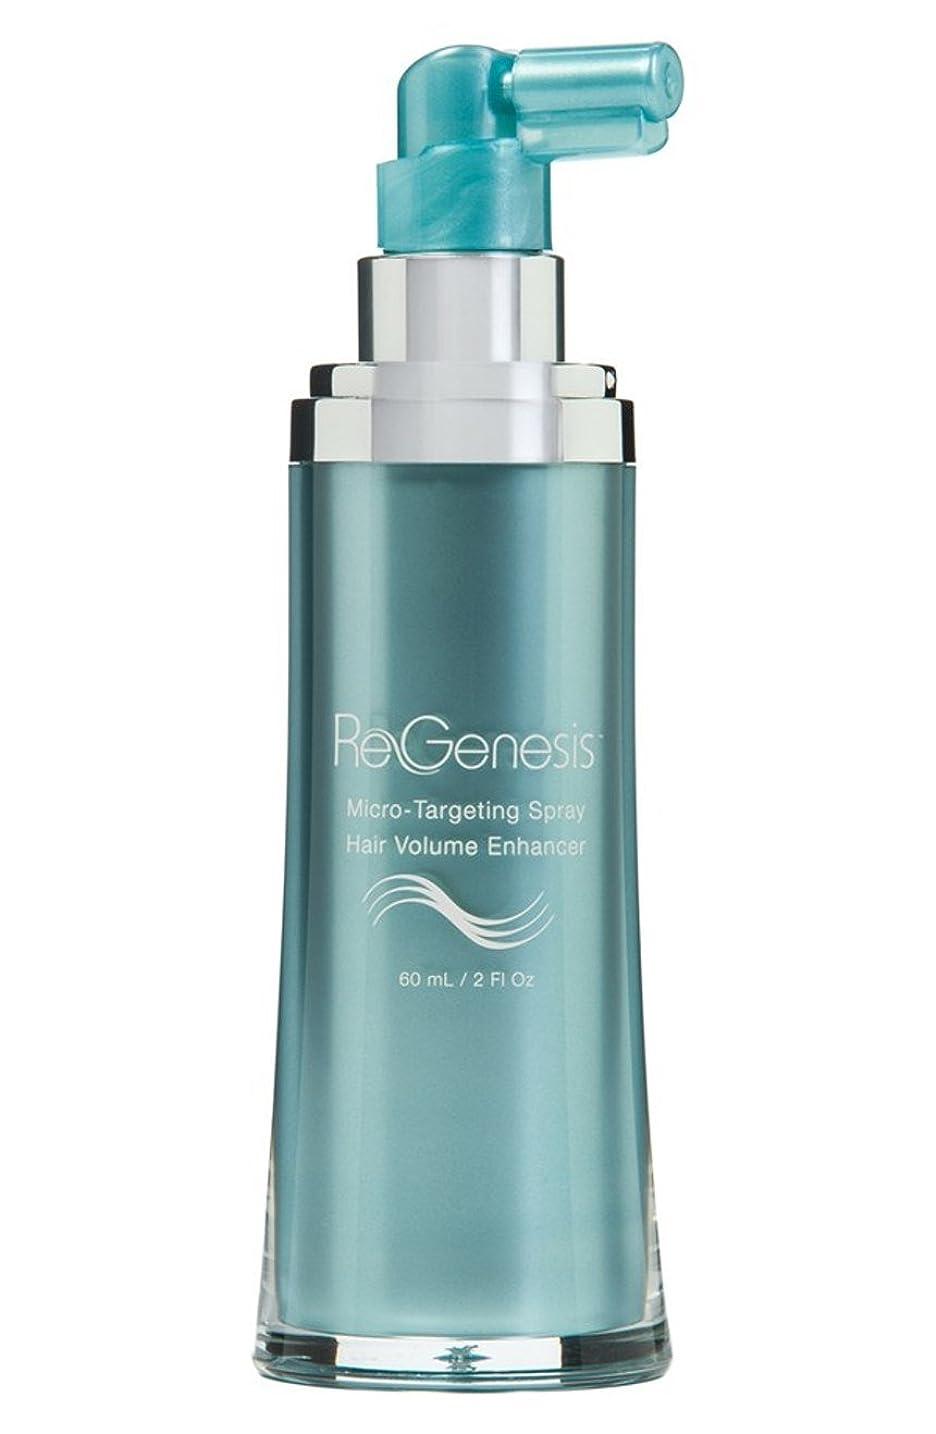 顎メンテナンスキャッシュリバイタラッシュの新しいブランド REGENESISリジェネシス Micro-Targeting Spray Hair Volume Enhancer [並行輸入品]